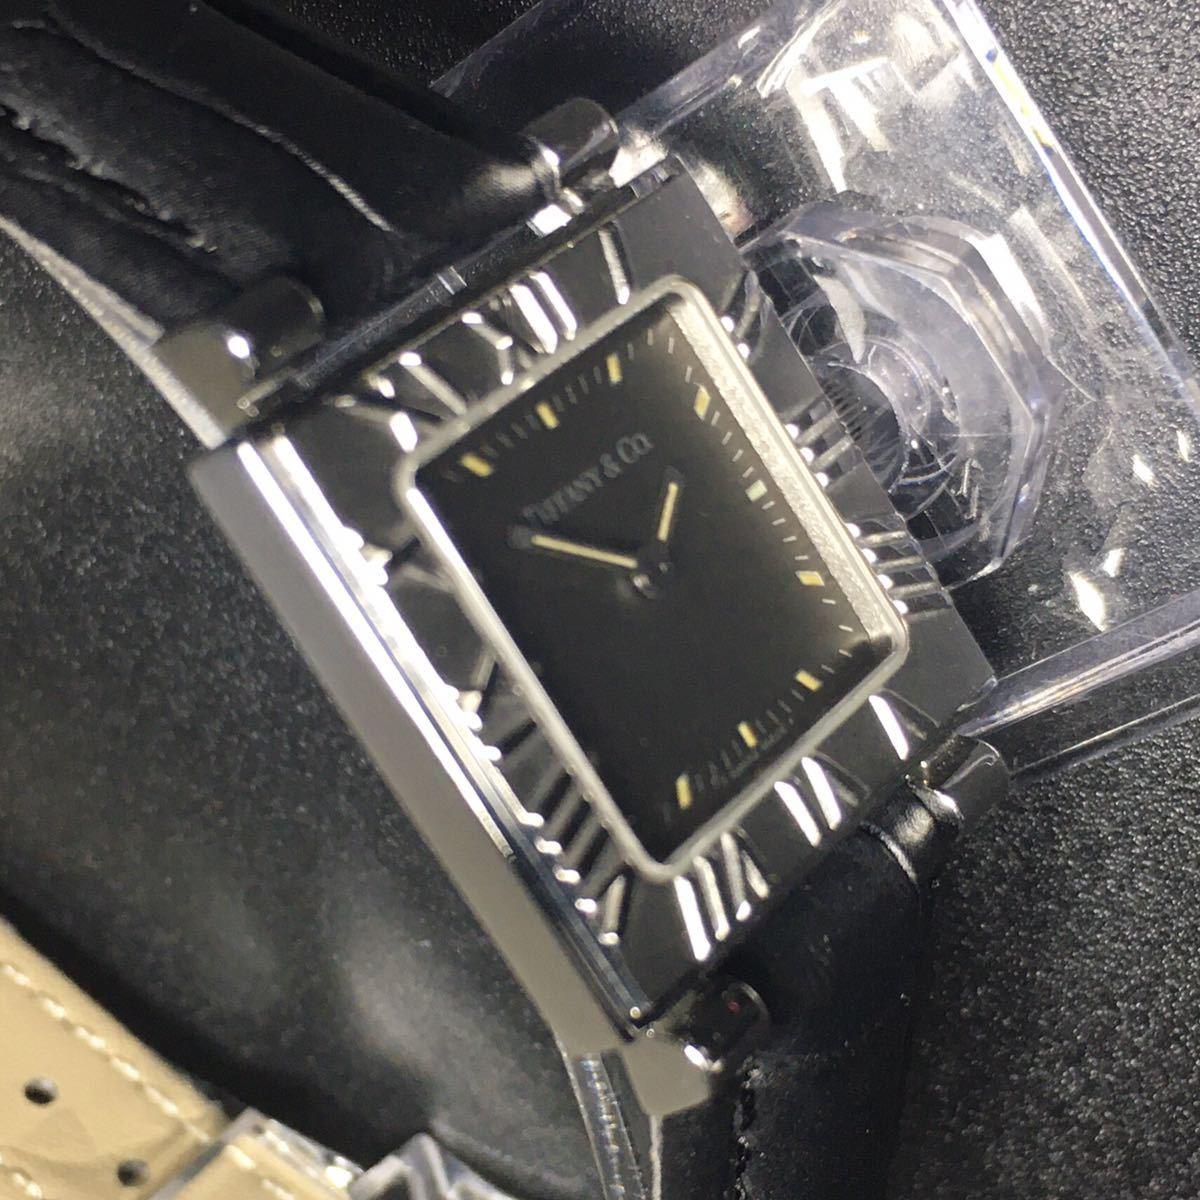 【美品 正規品】ティファニー 腕時計 アトラス スクエア レディース 可動品 時計 TIFFANY クオーツ 【2006Ti10】_画像6